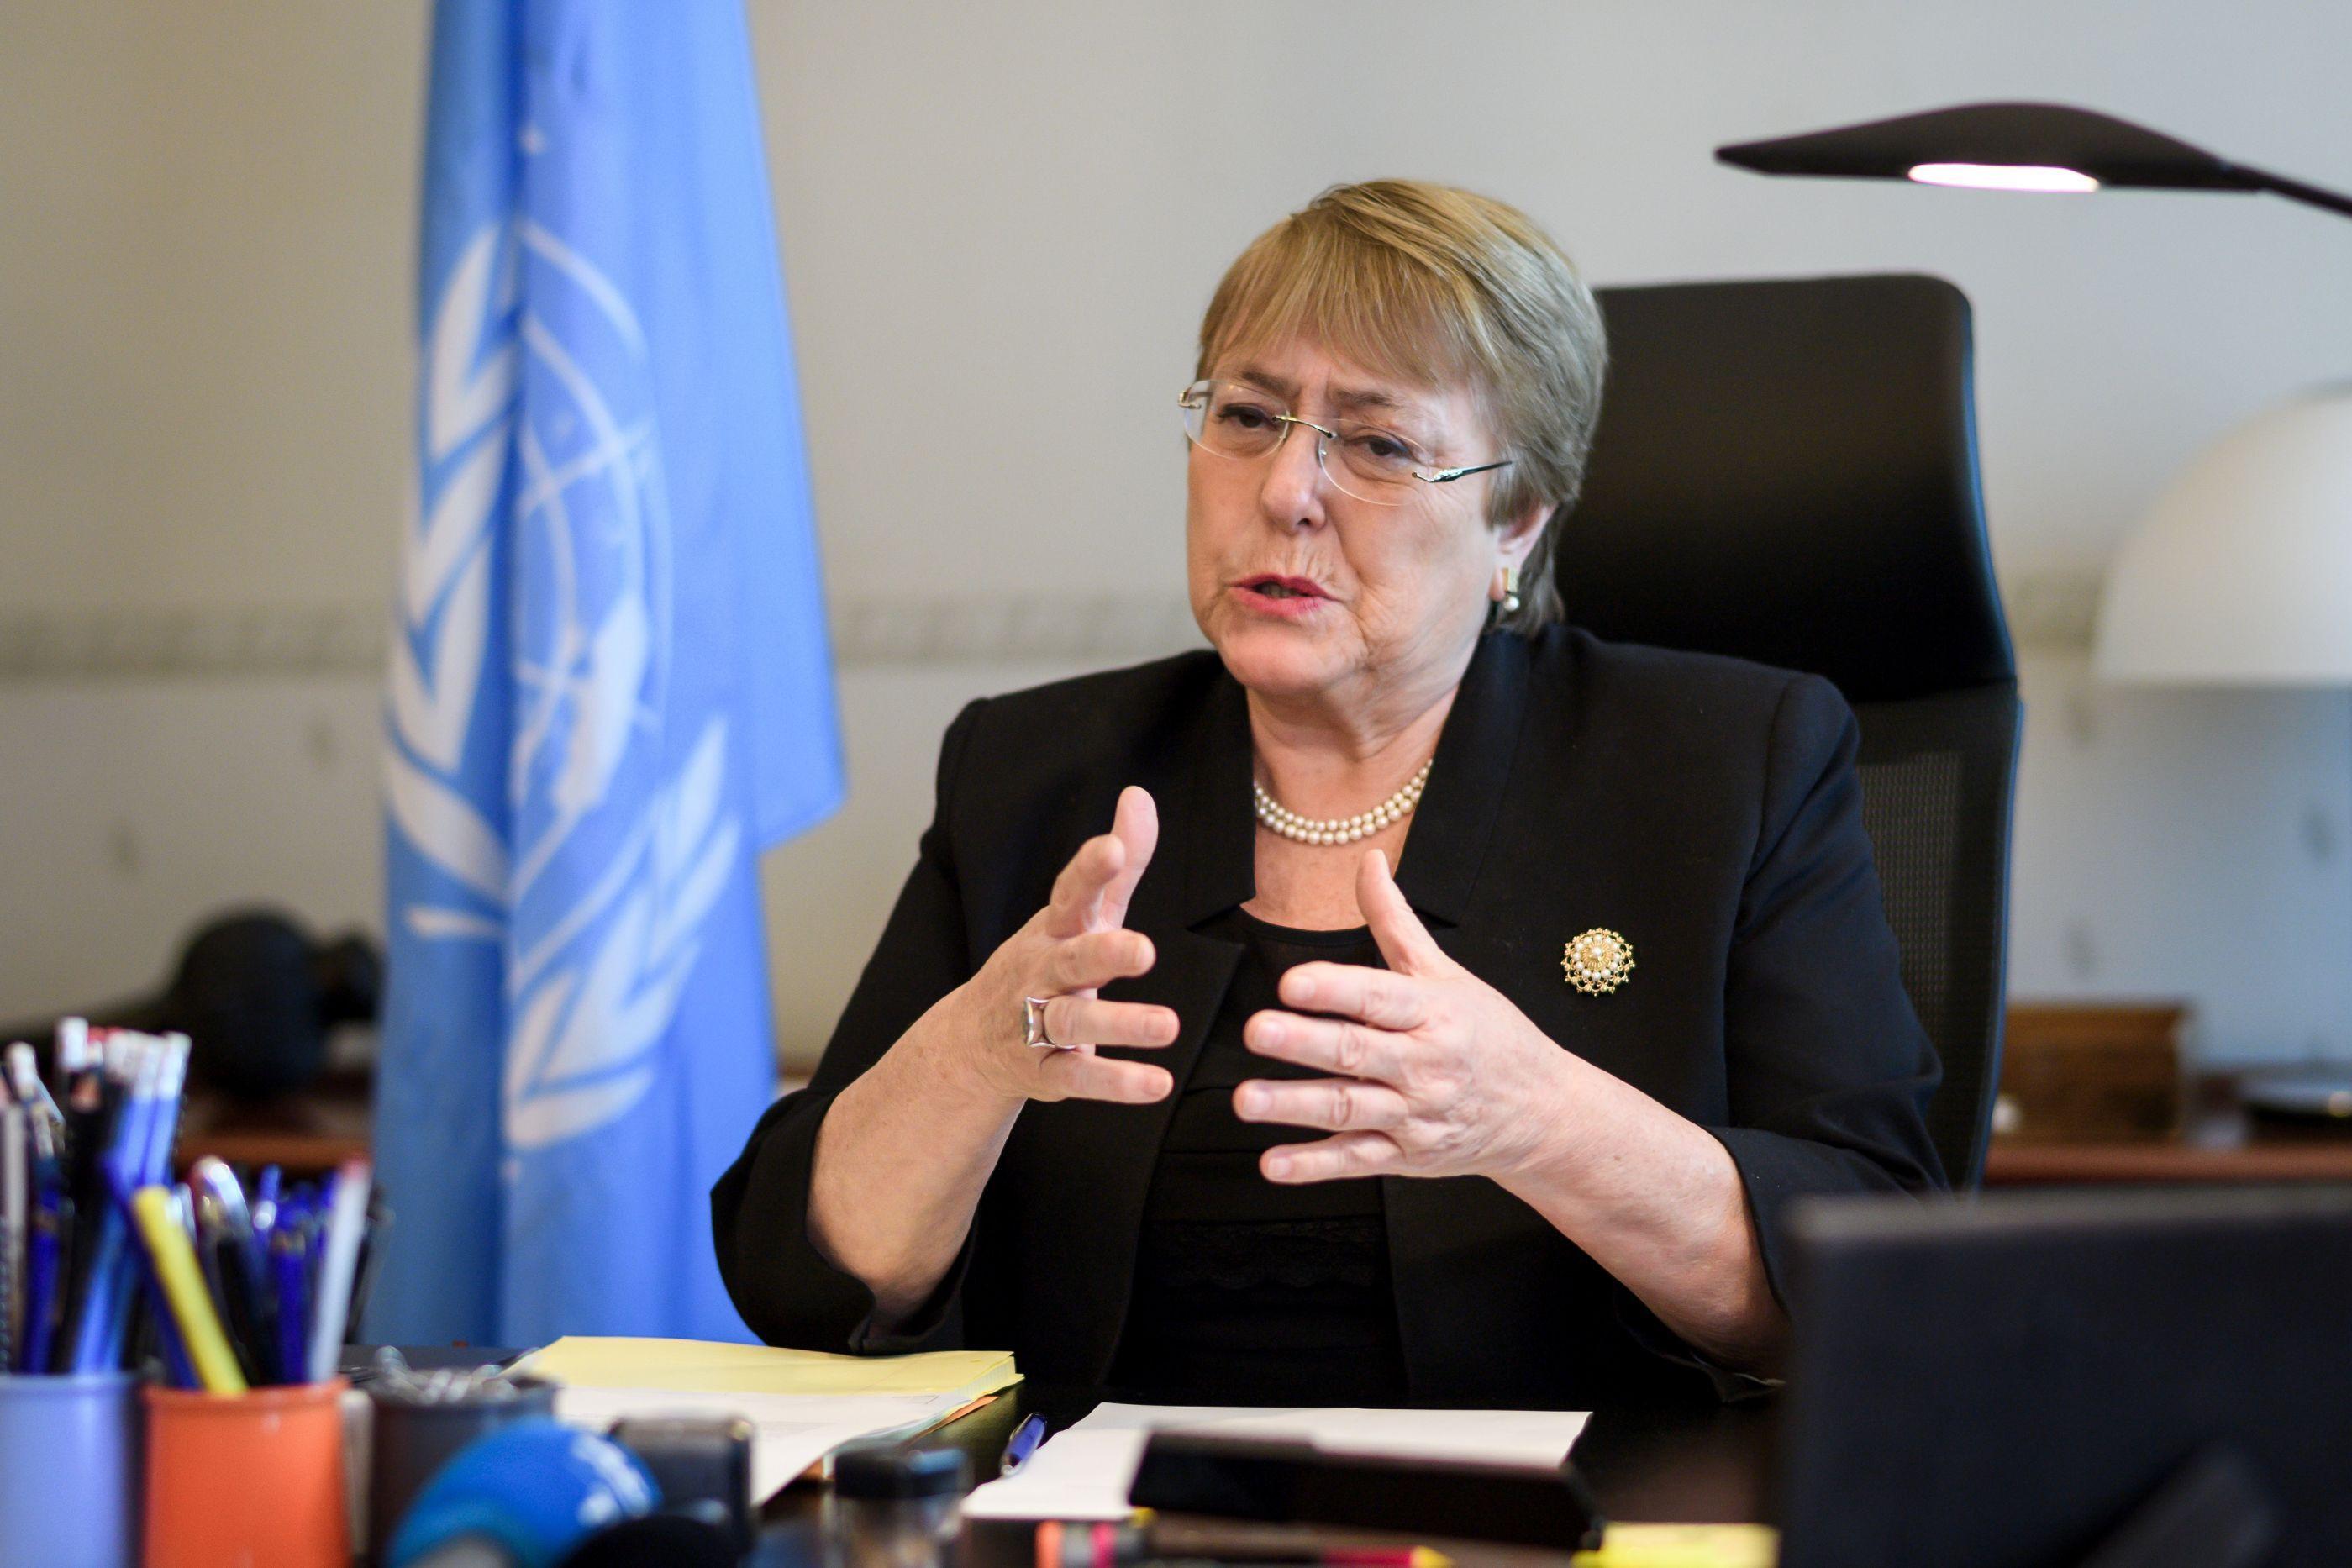 ONU endurece críticas por agravamento de sanções dos EUA à Venezuela